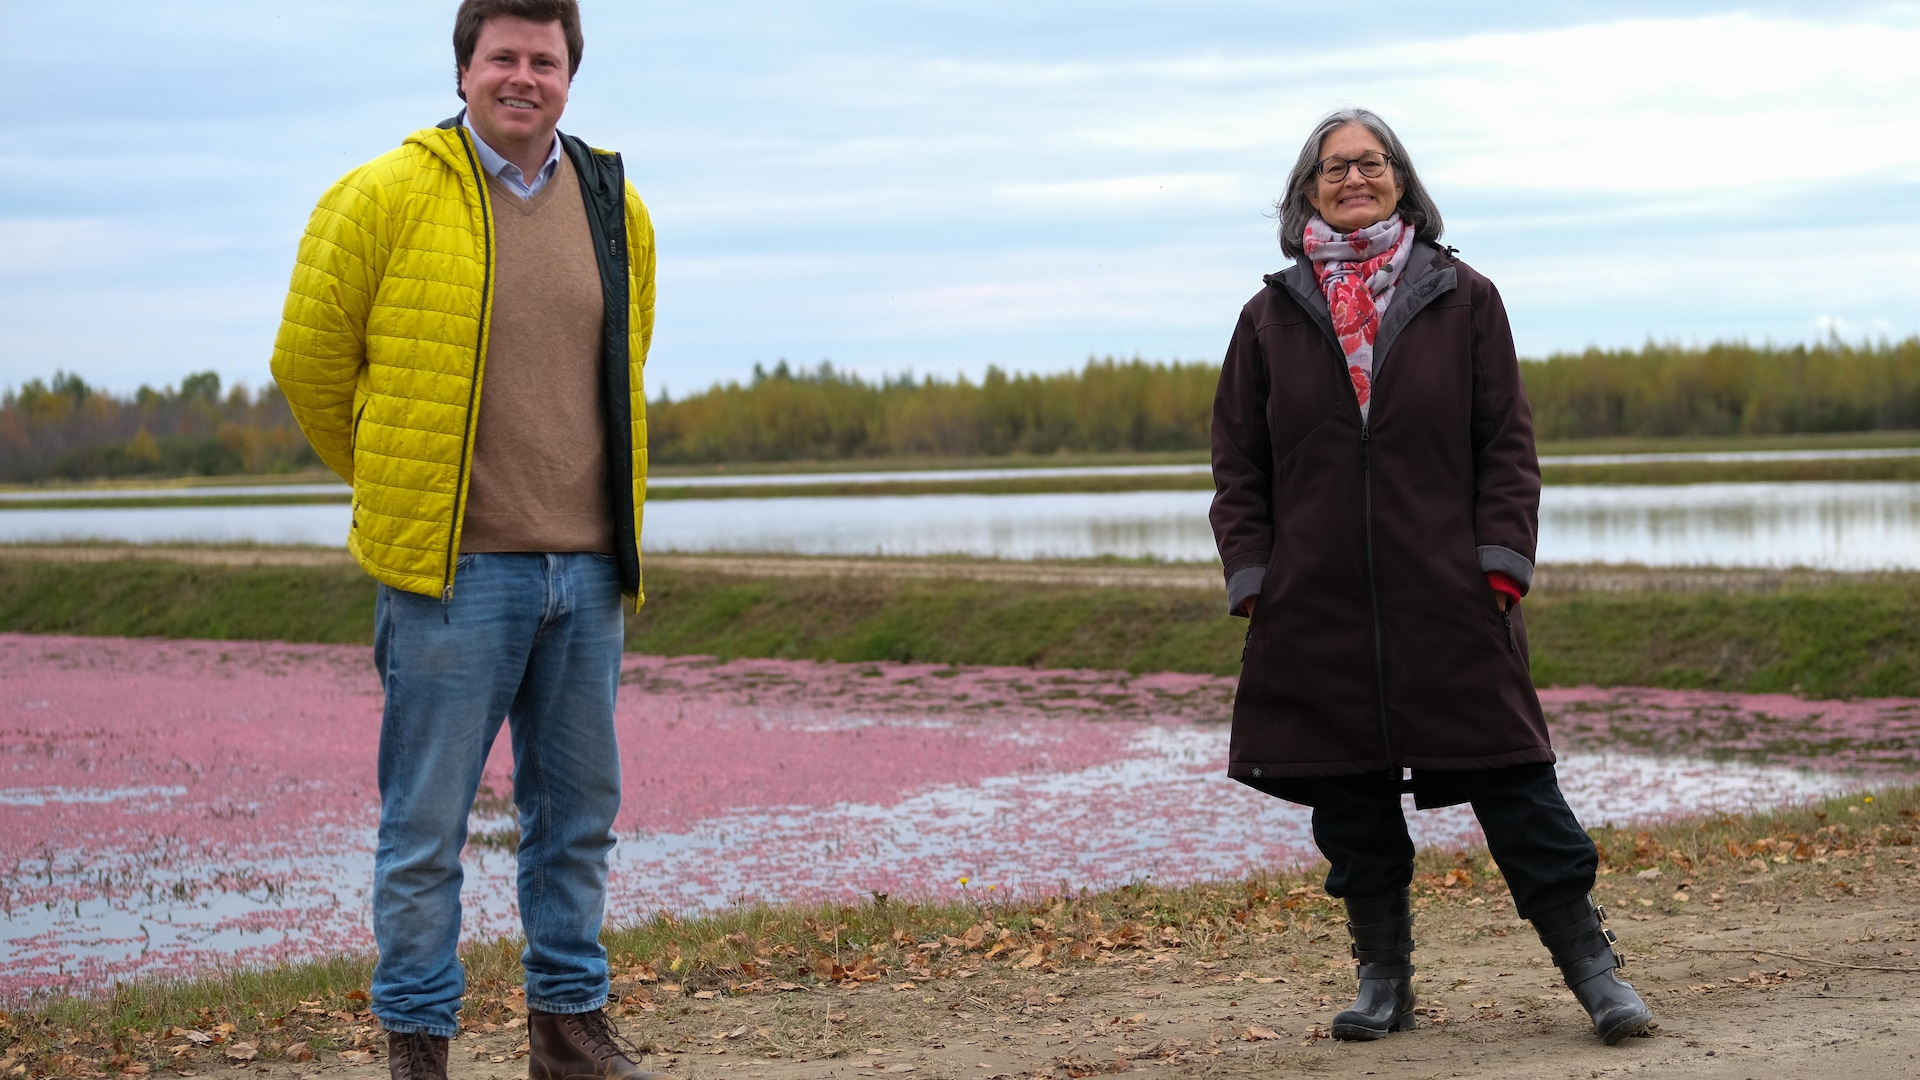 un homme et une femme sourient à la caméra devant un champ de canneberges.